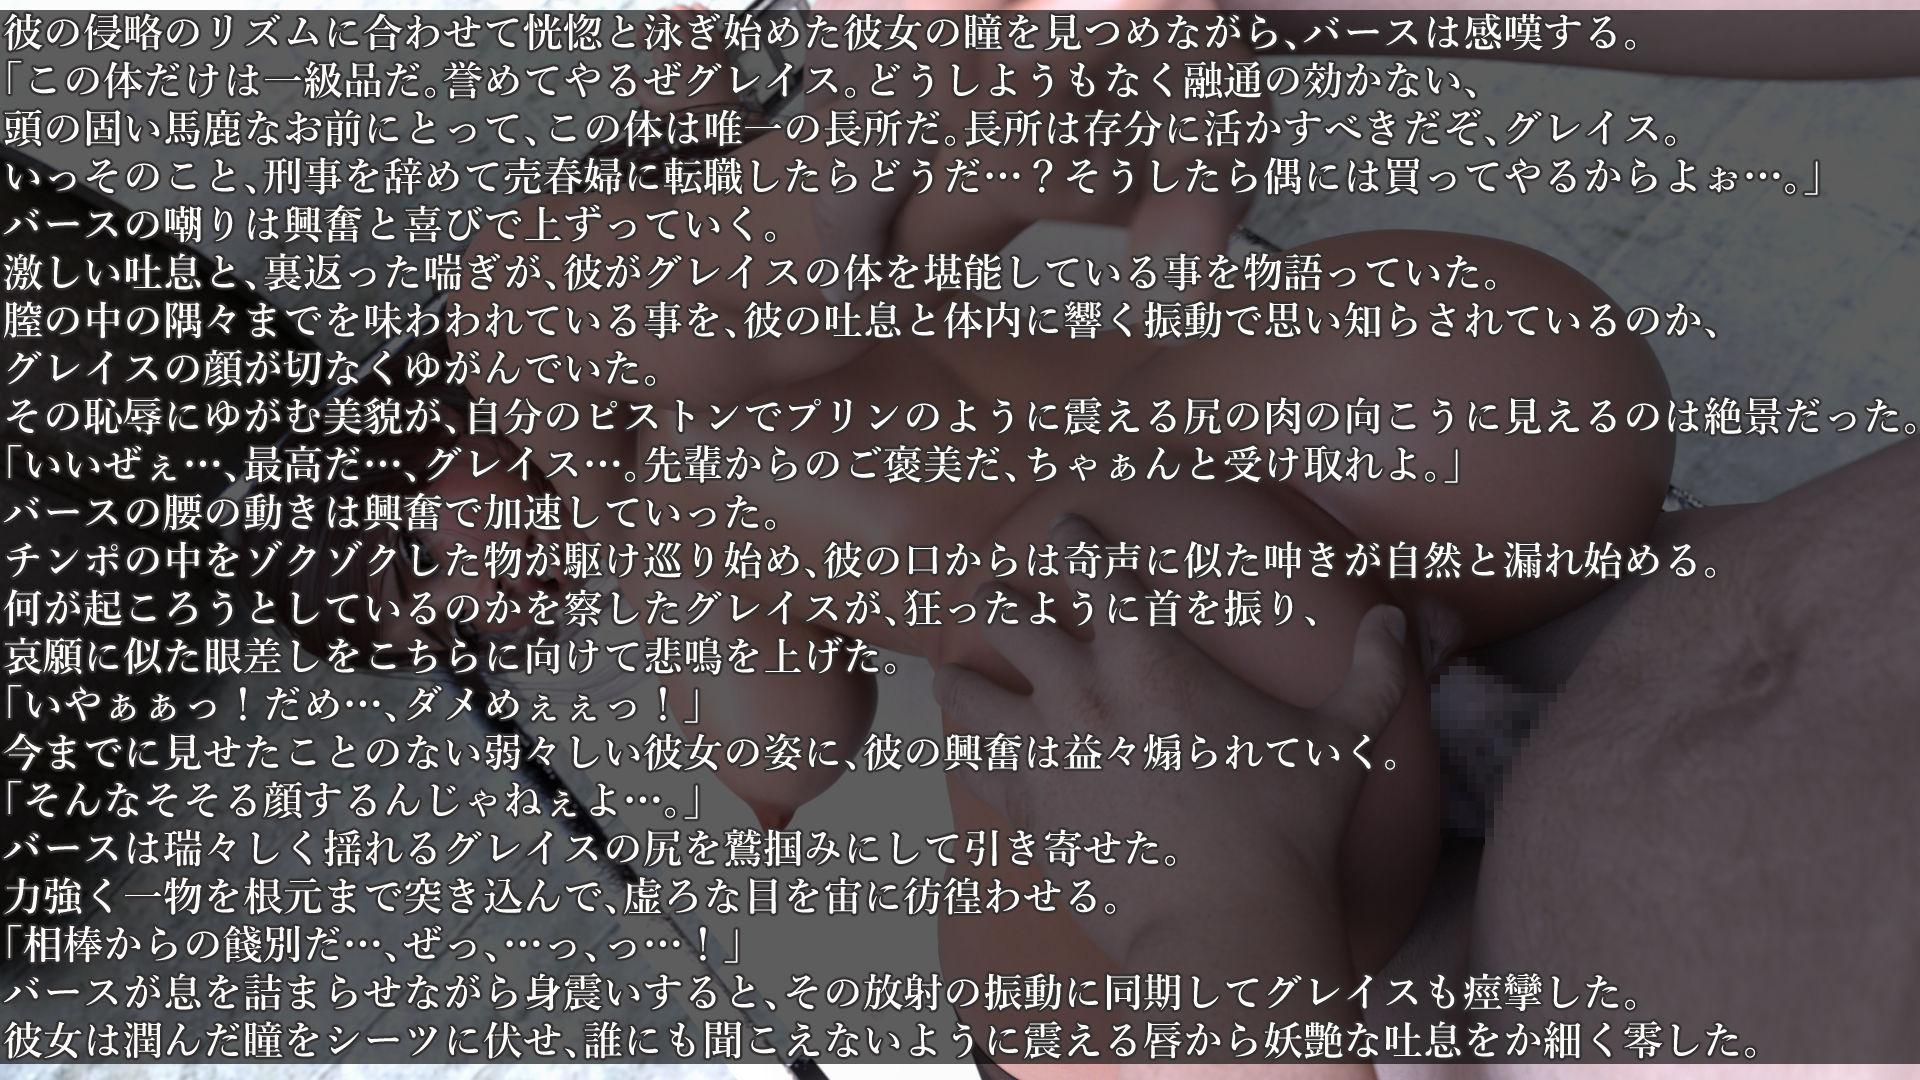 腐敗都市〜囚われの女刑事グレイス 画像